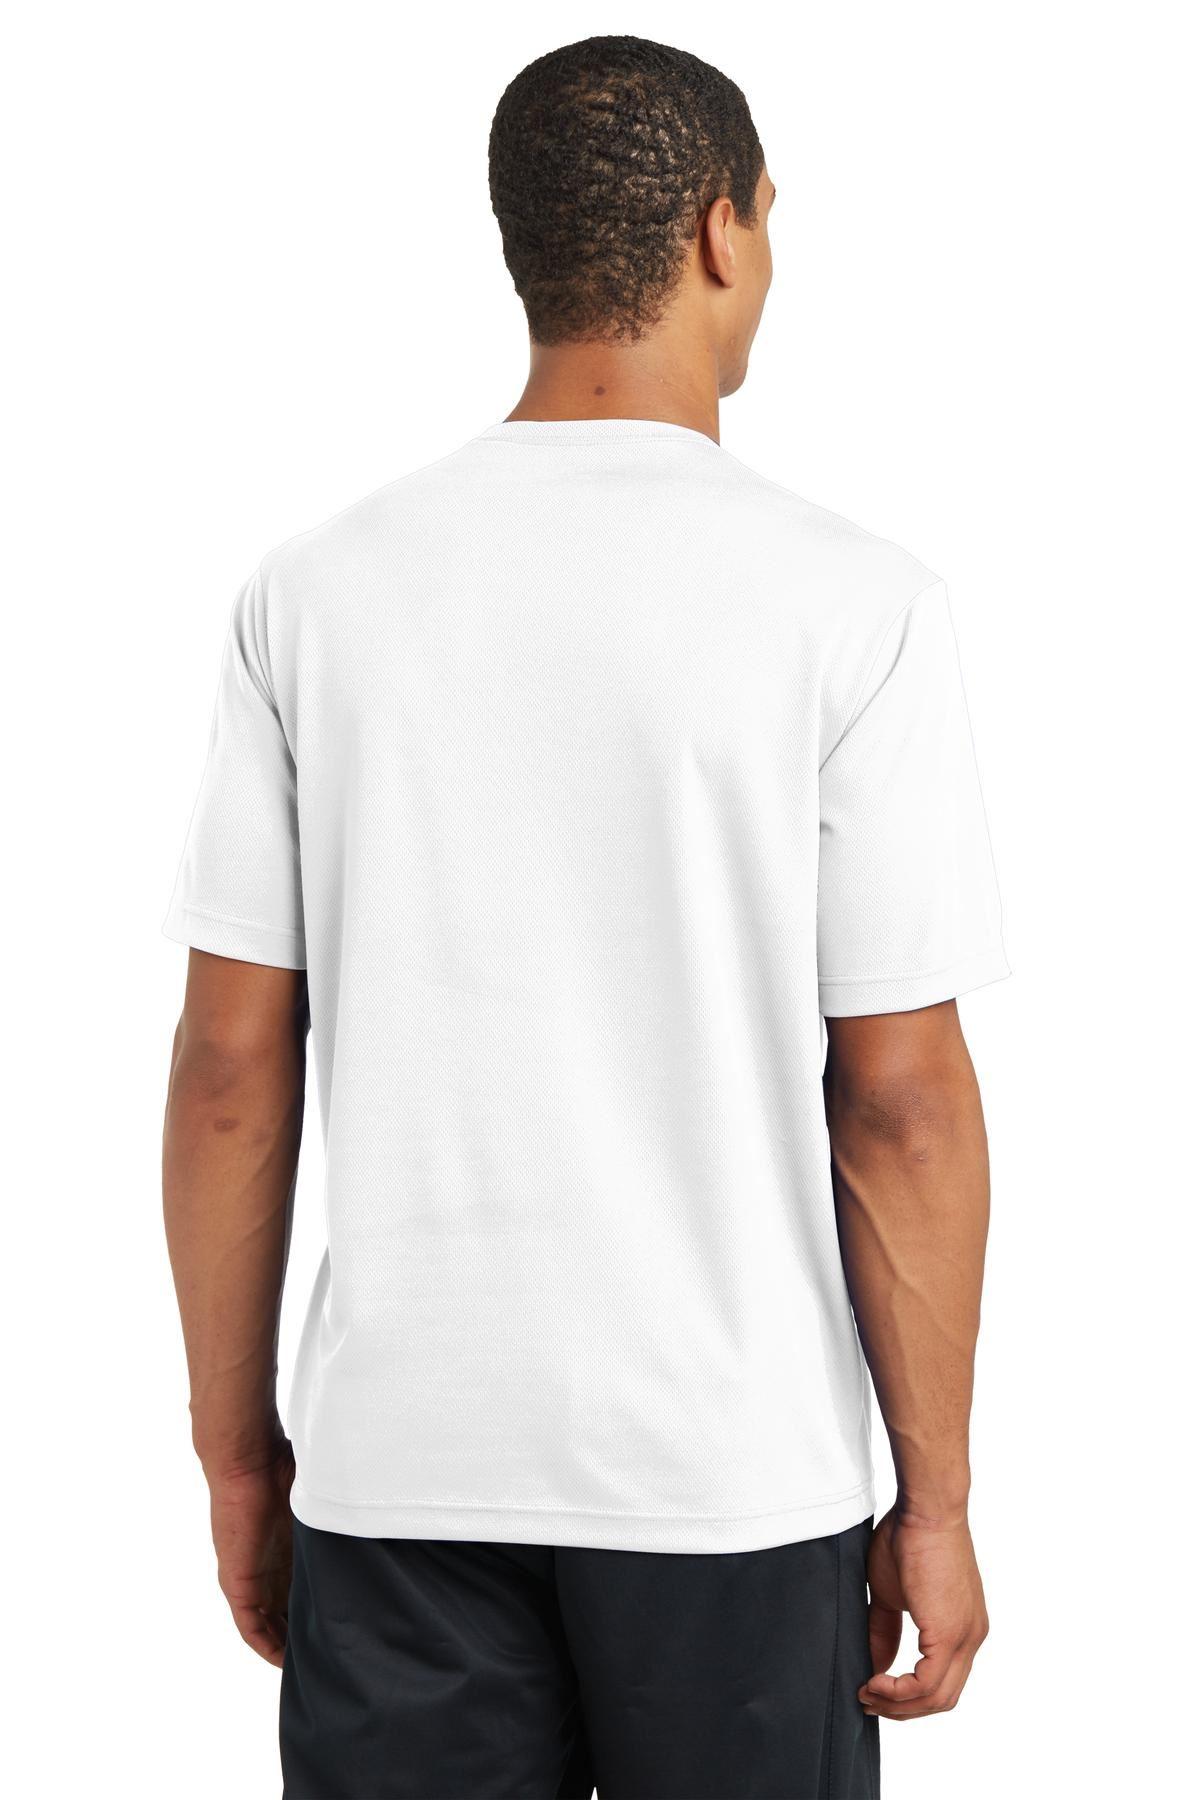 thumbnail 40 - Sport-Tek Men's Dry-Fit RacerMesh Moisture Wicking T-Shirt M-ST340